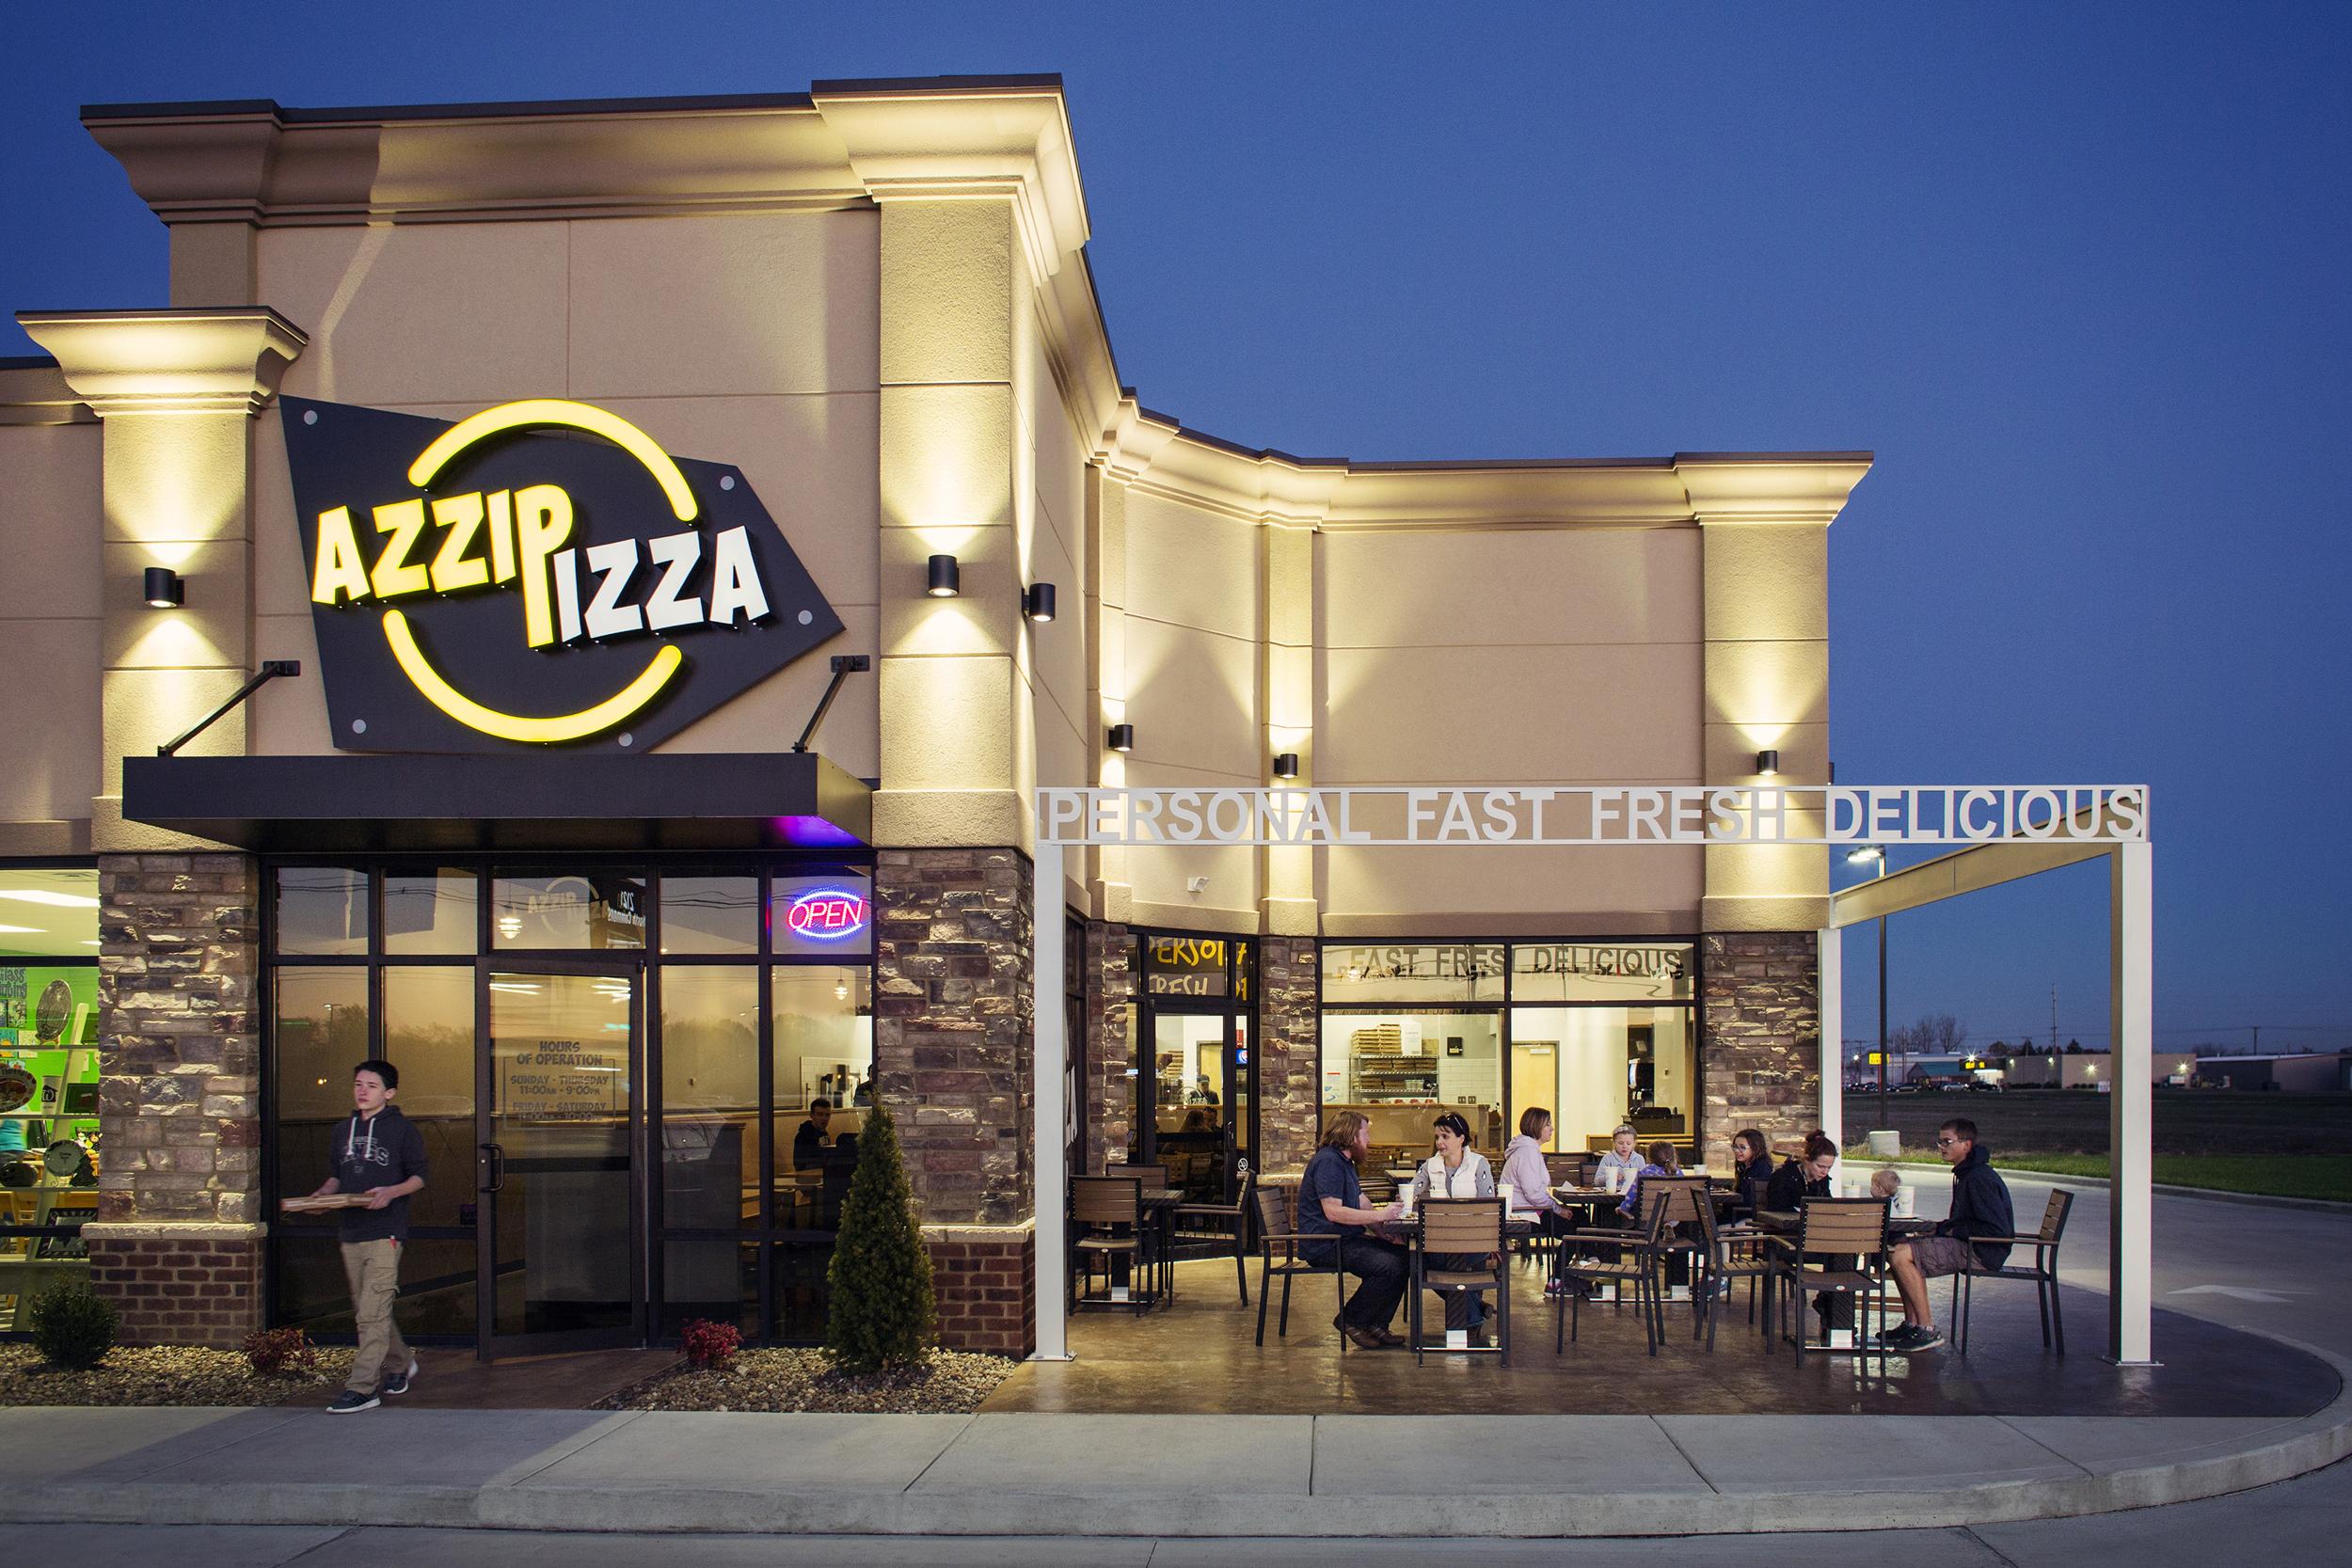 azzip pizza -